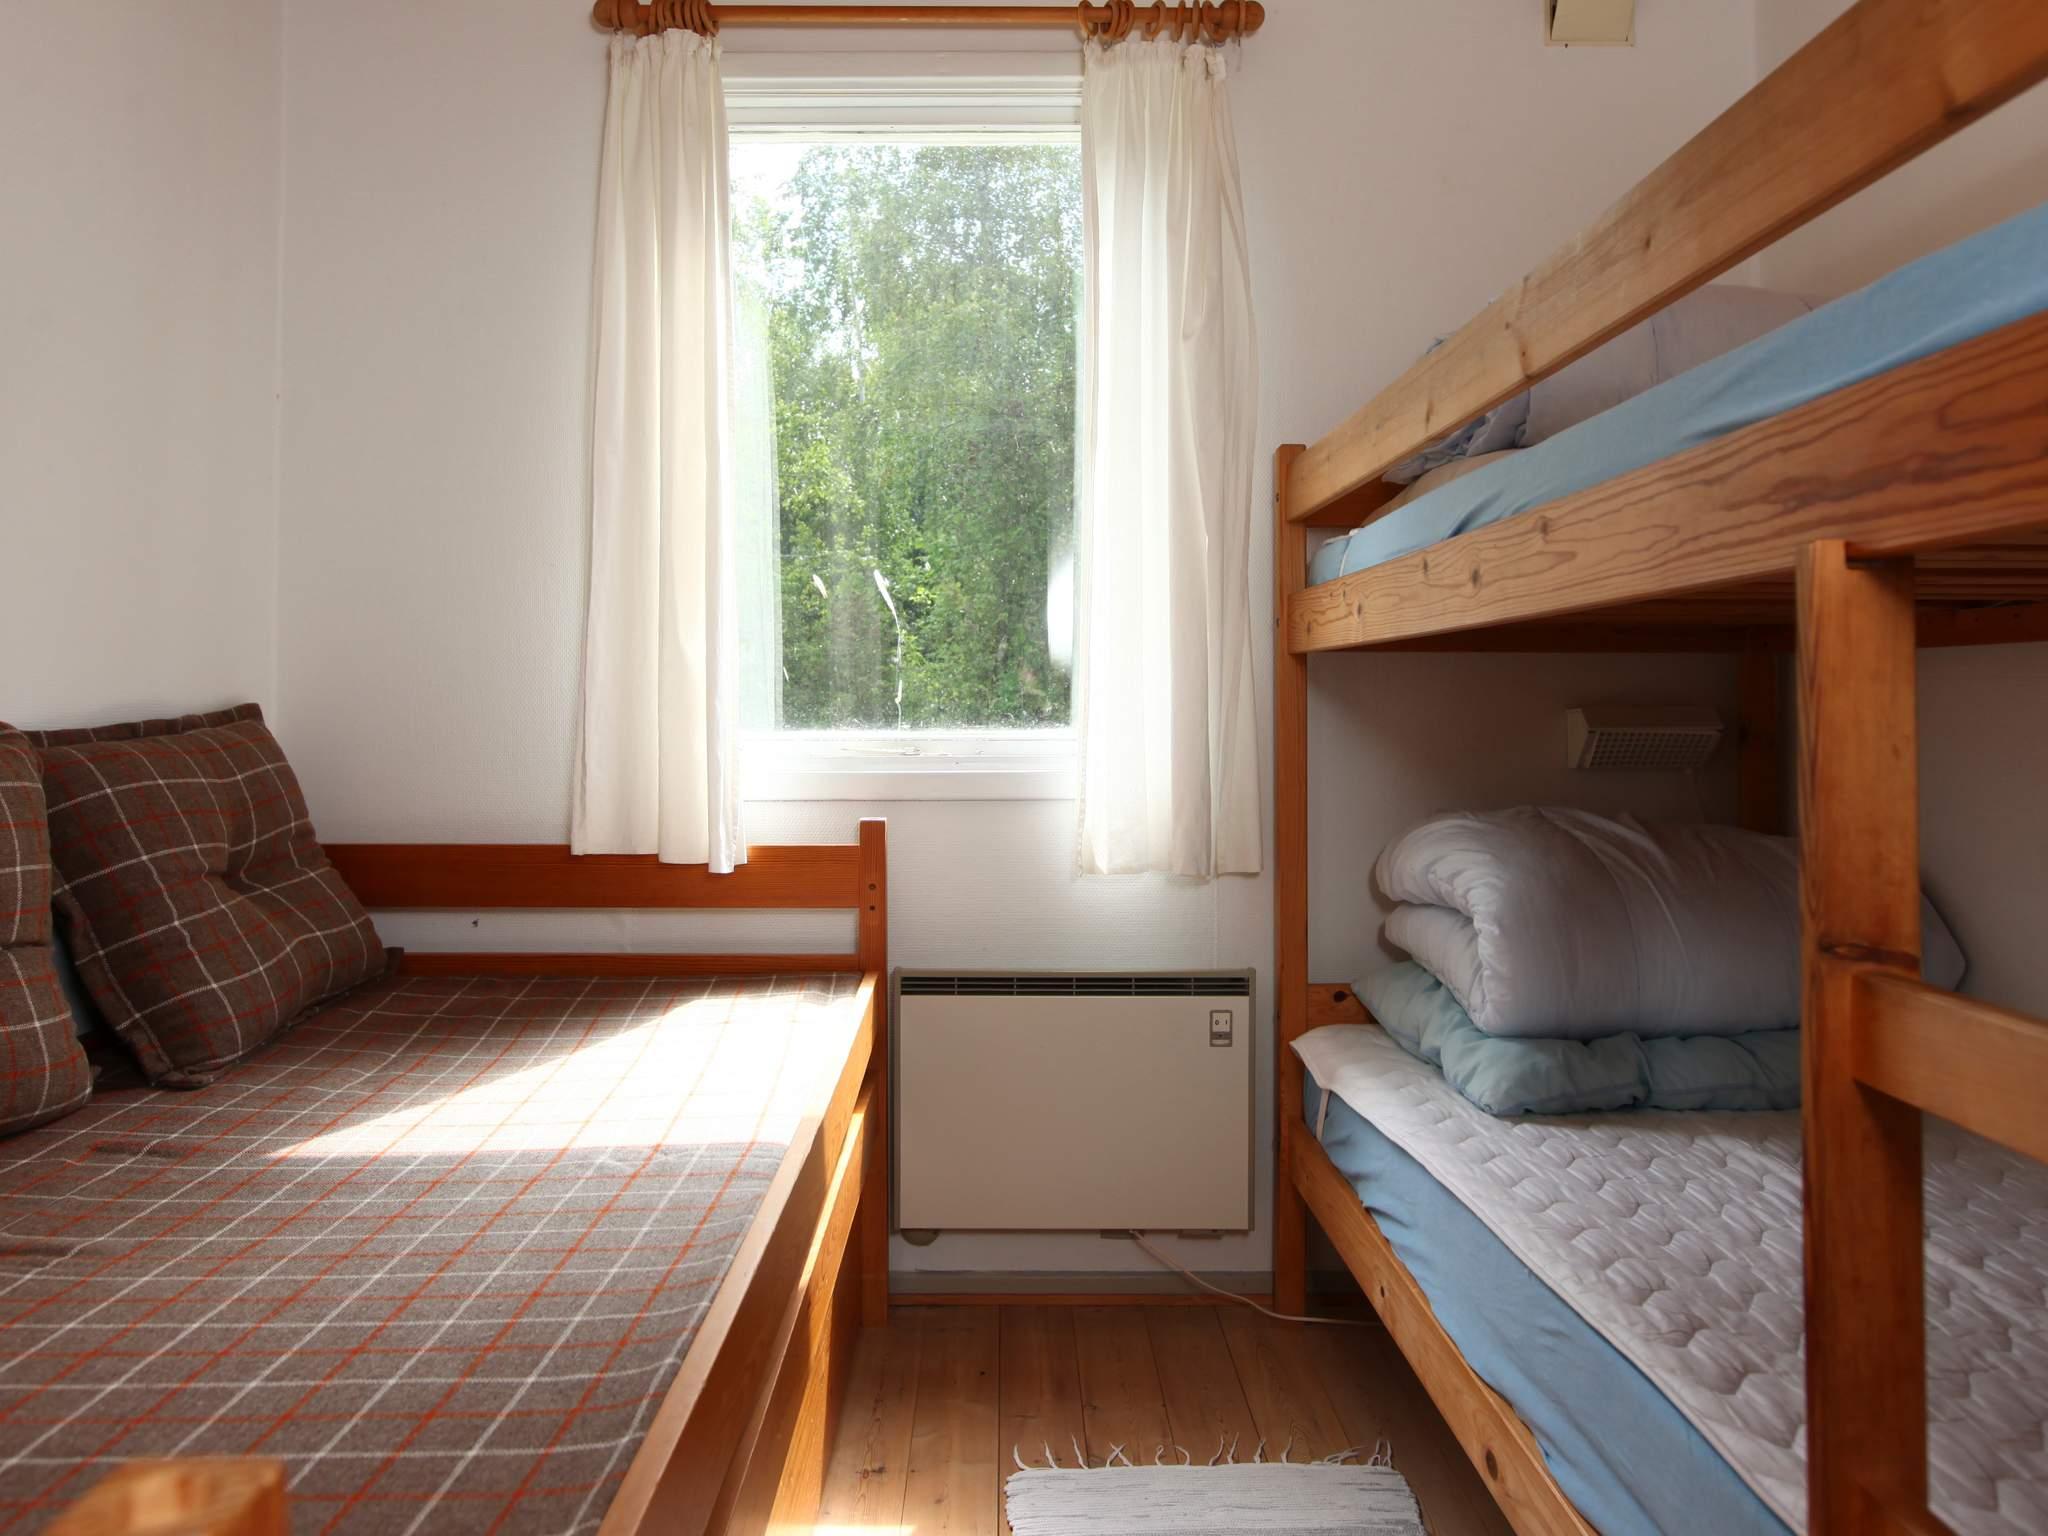 Maison de vacances Hummingen (89267), Hummingen, , Lolland, Danemark, image 11